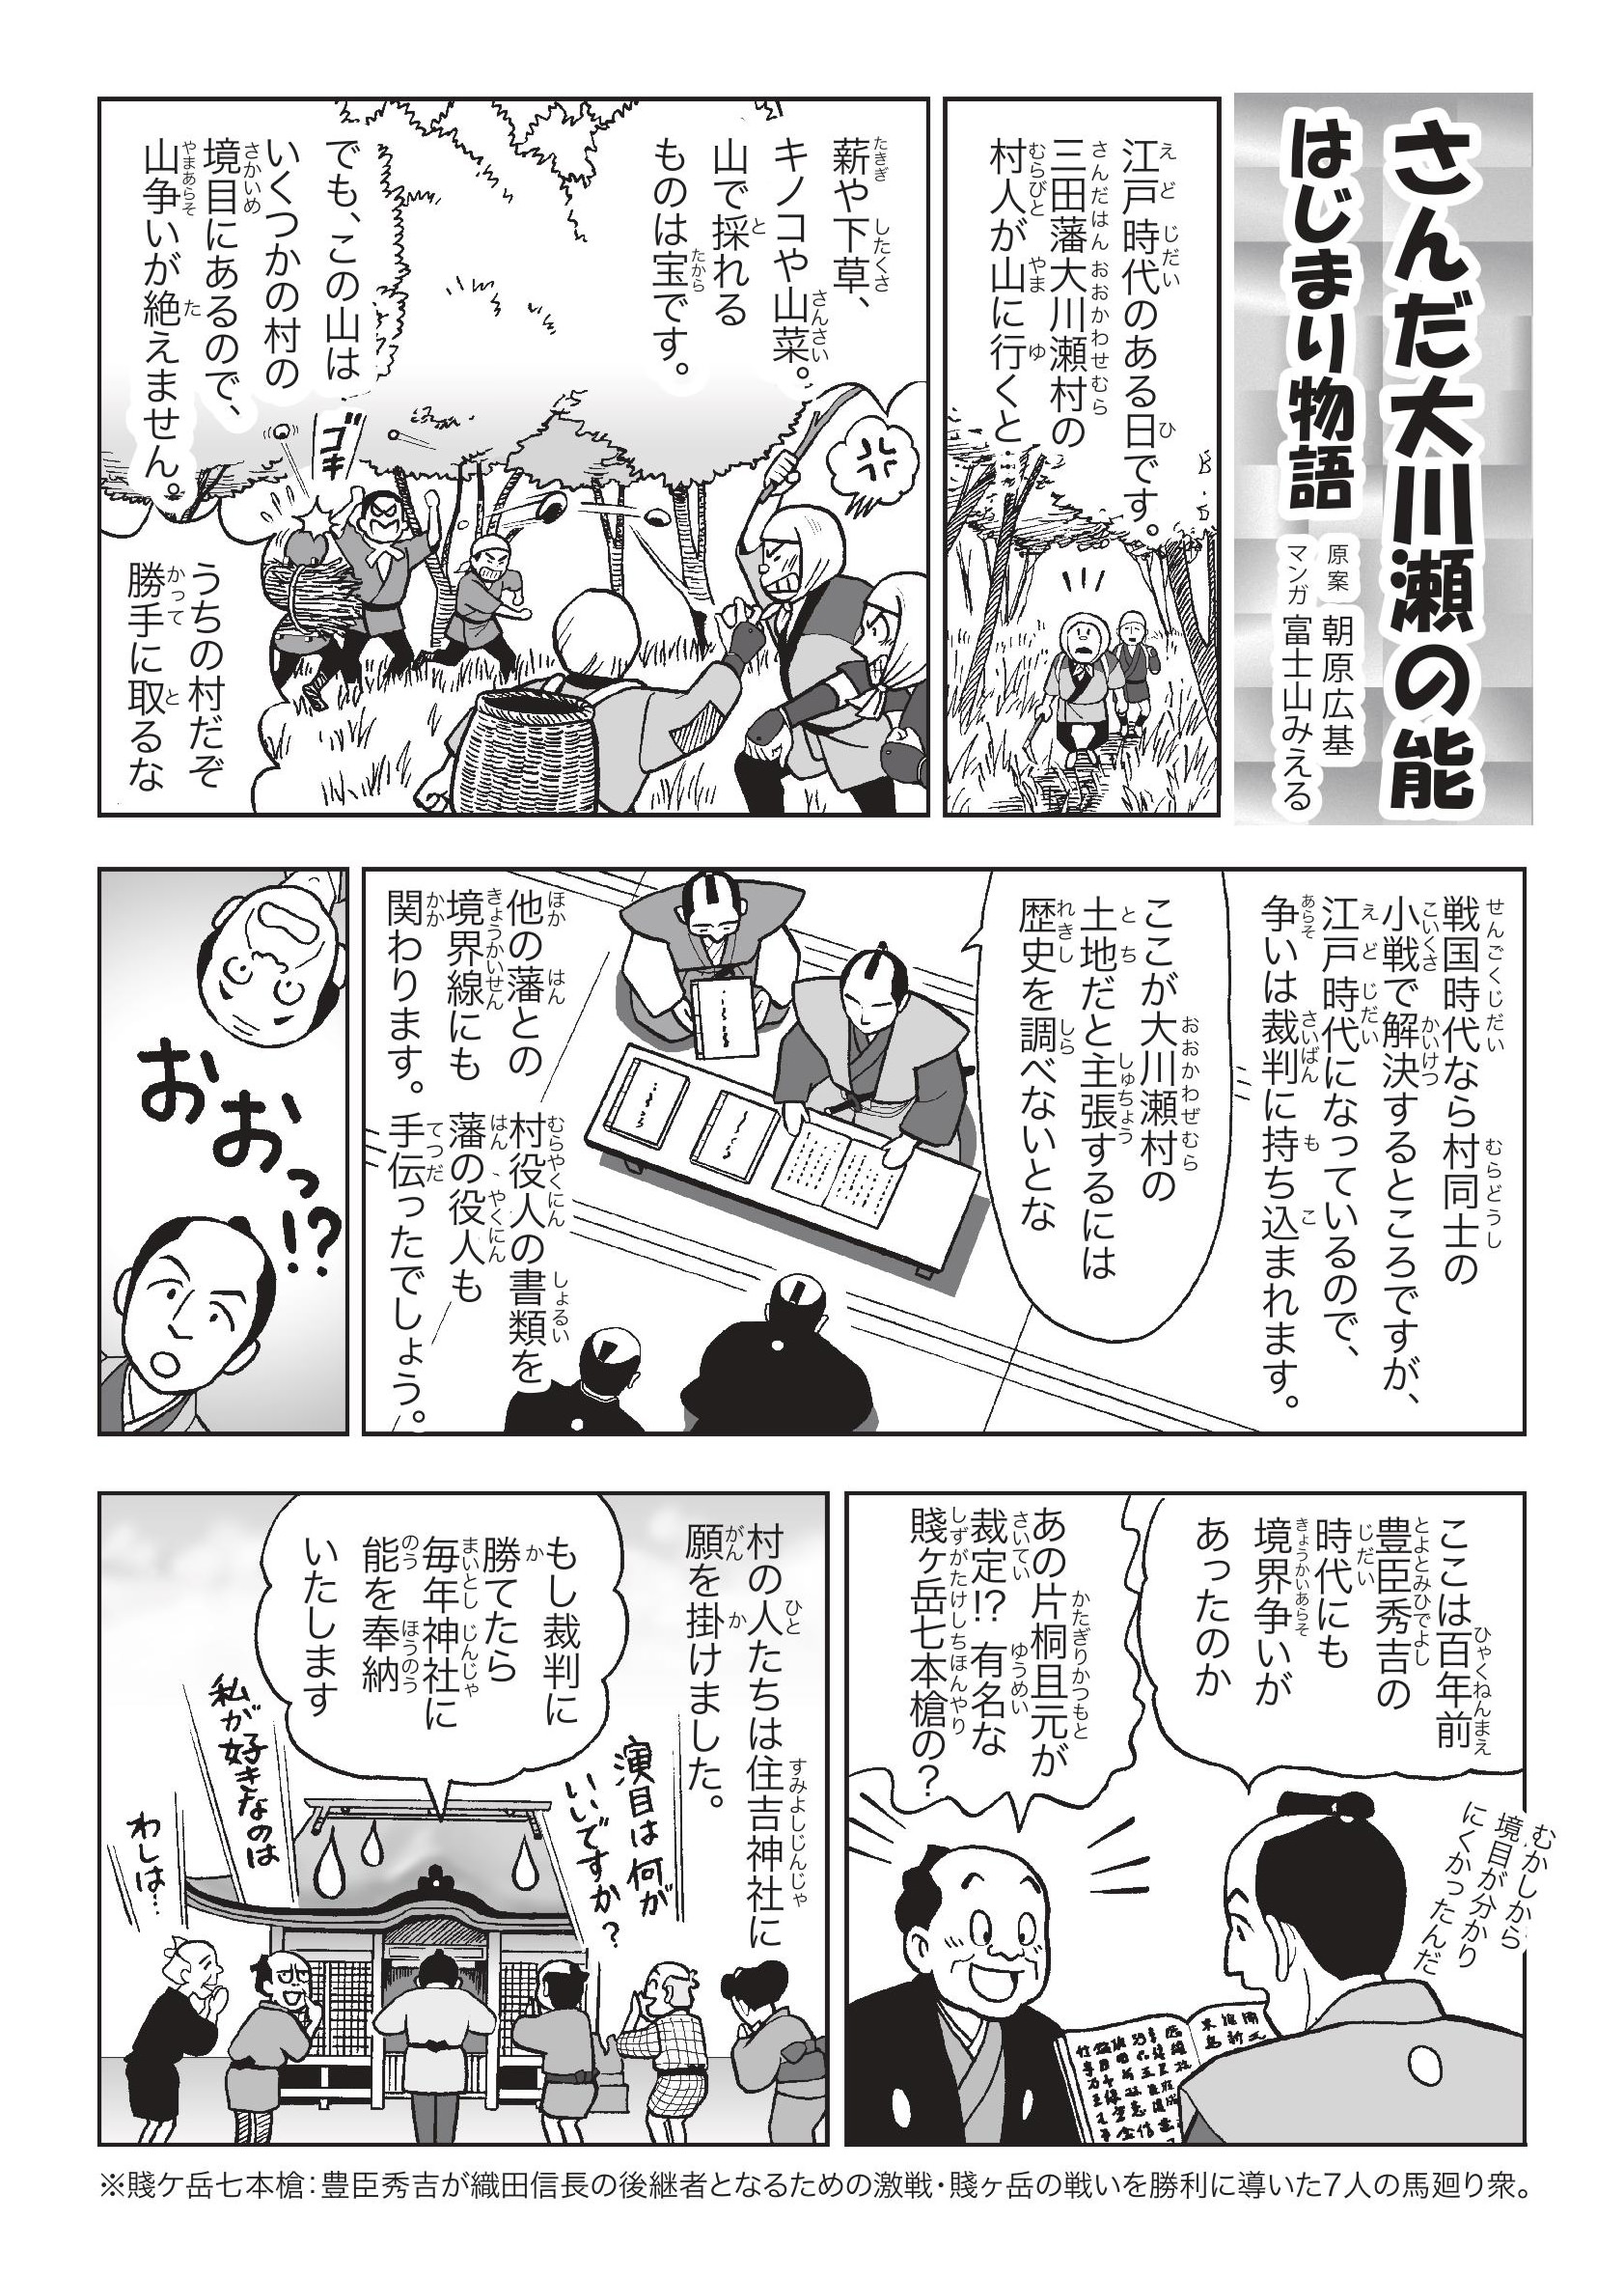 さんだ大川瀬の能はじまり物語(前半)